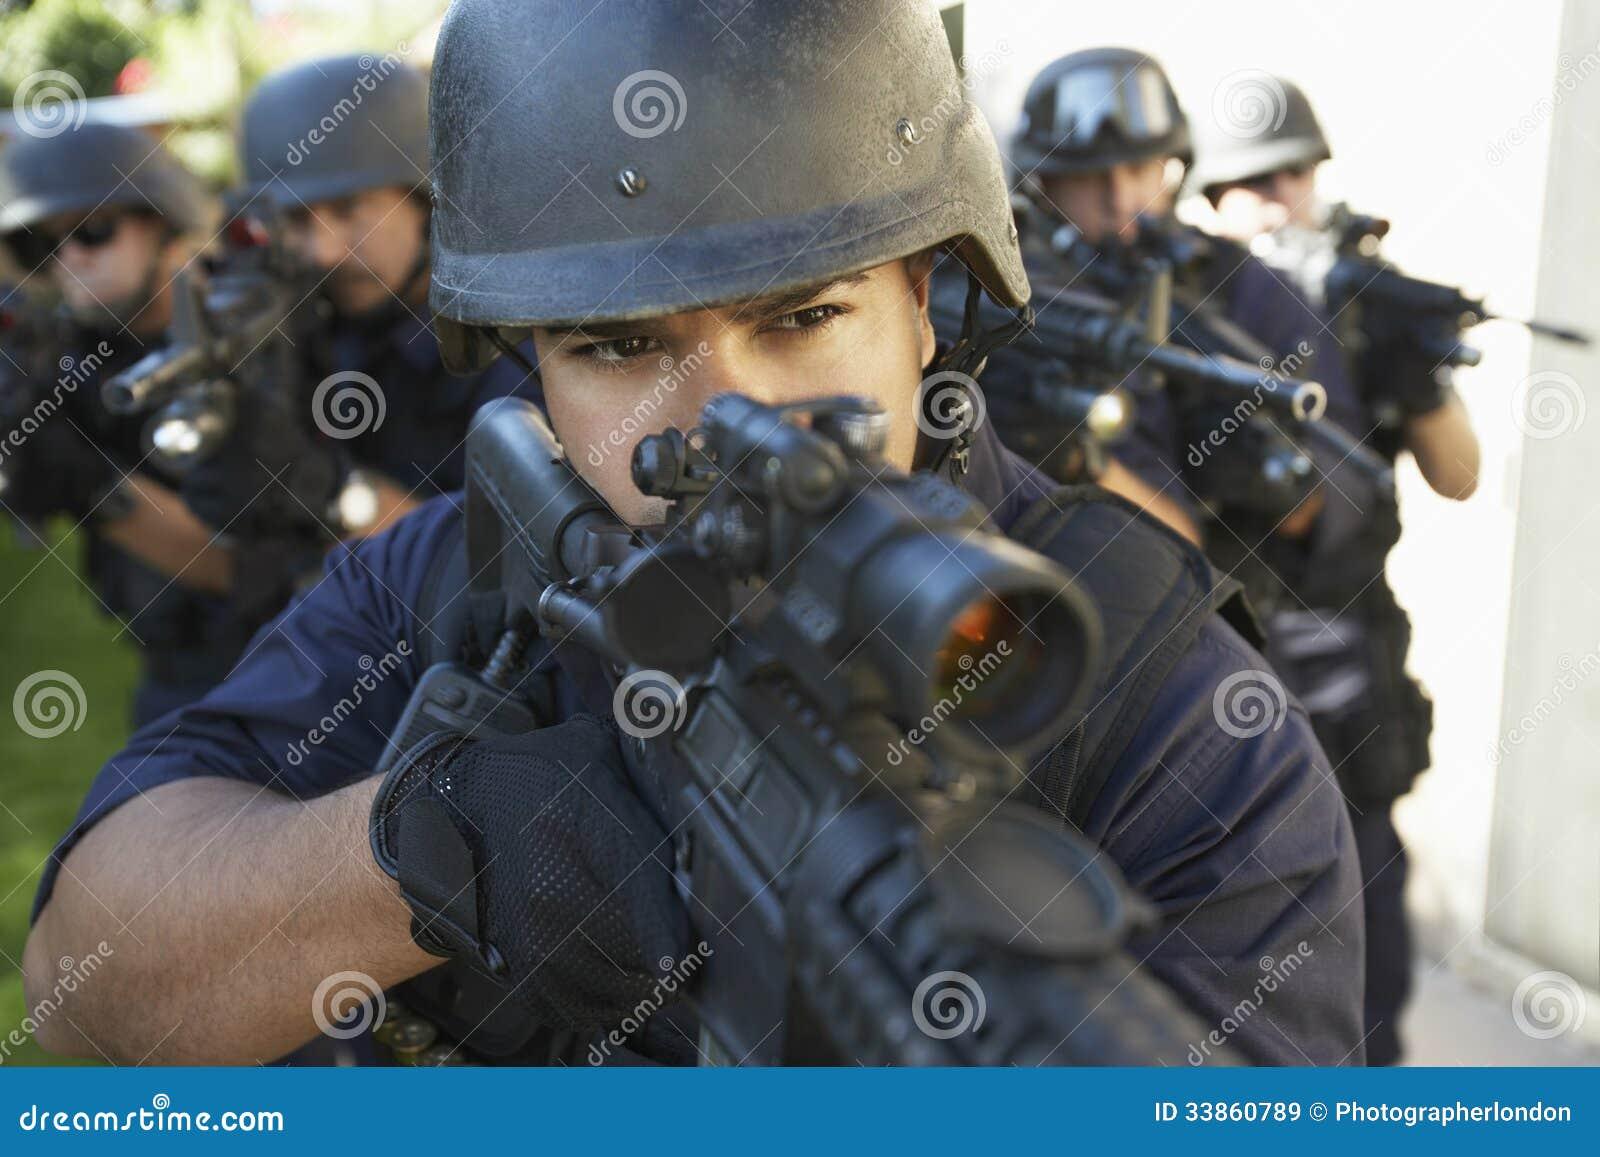 Groupe de policiers visant avec des armes à feu